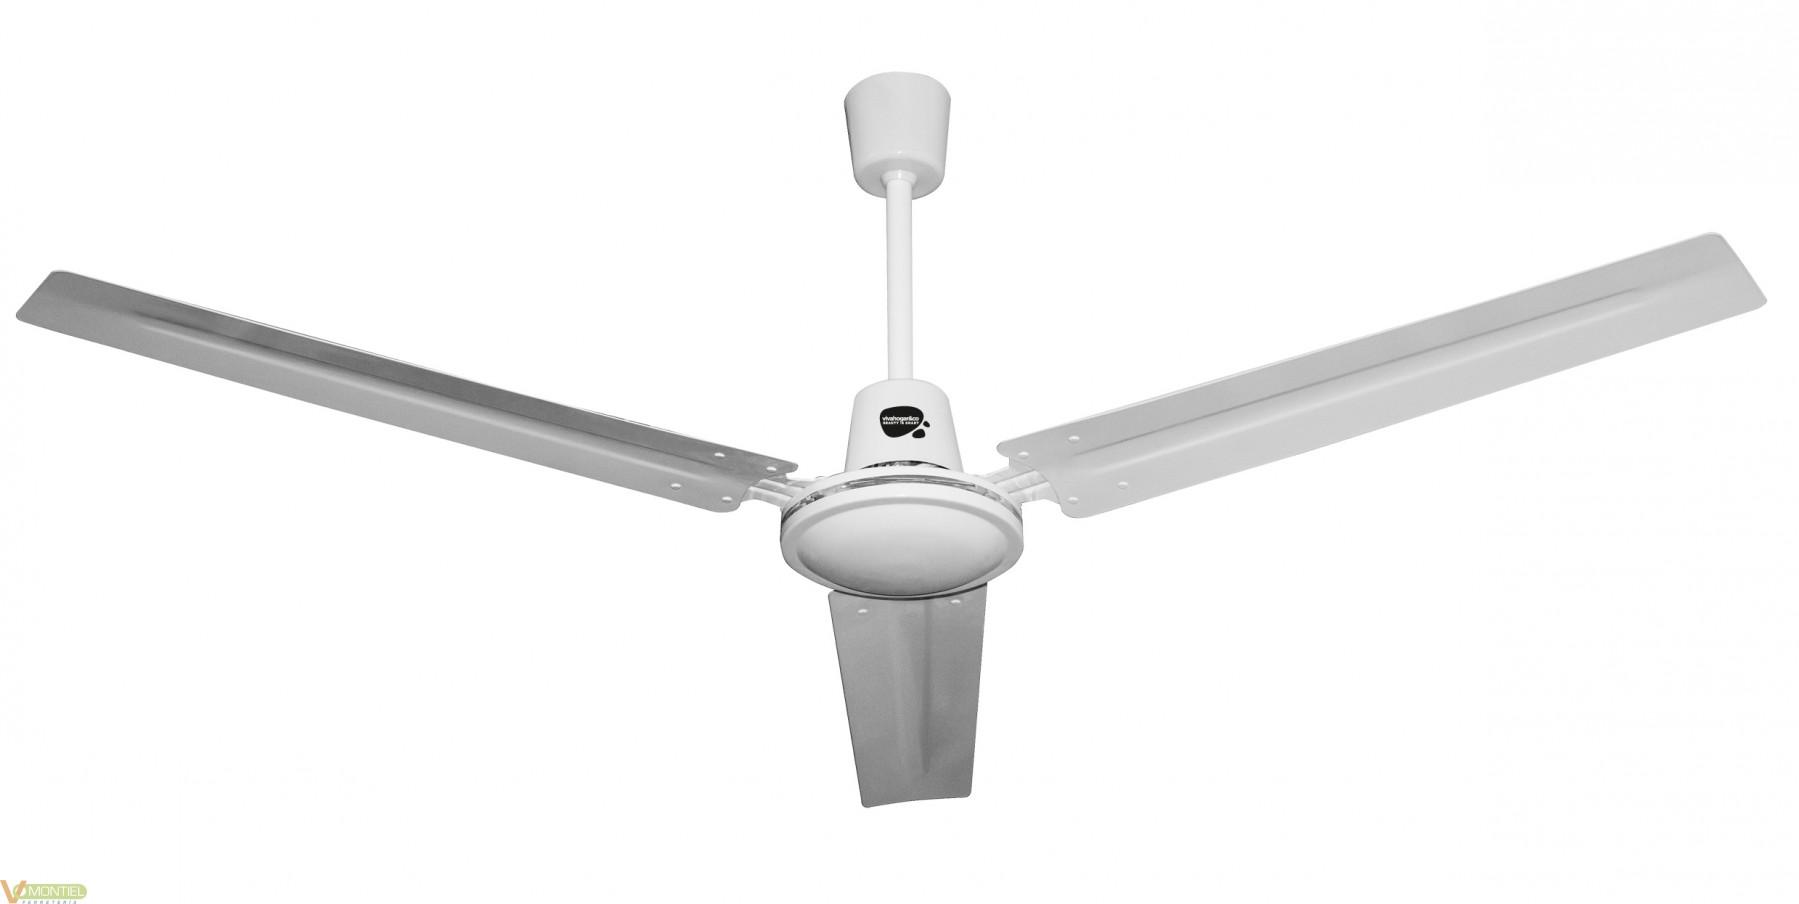 Ventilador techo 65w-3v 140cm-0